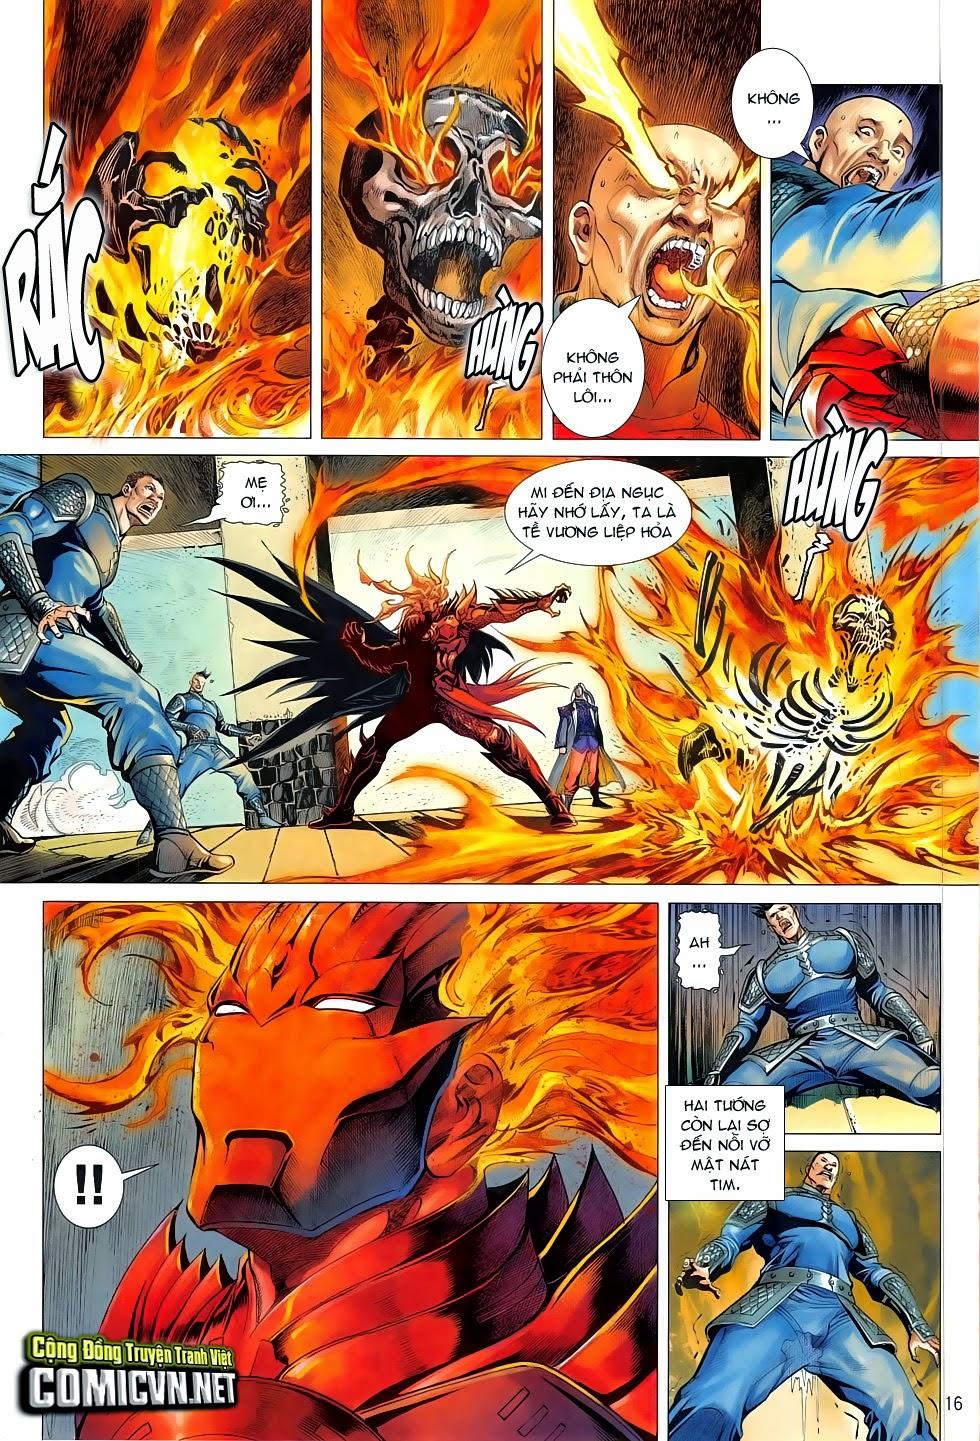 Chiến Phổ chapter 4: mị hồ ngự hỏa trang 15